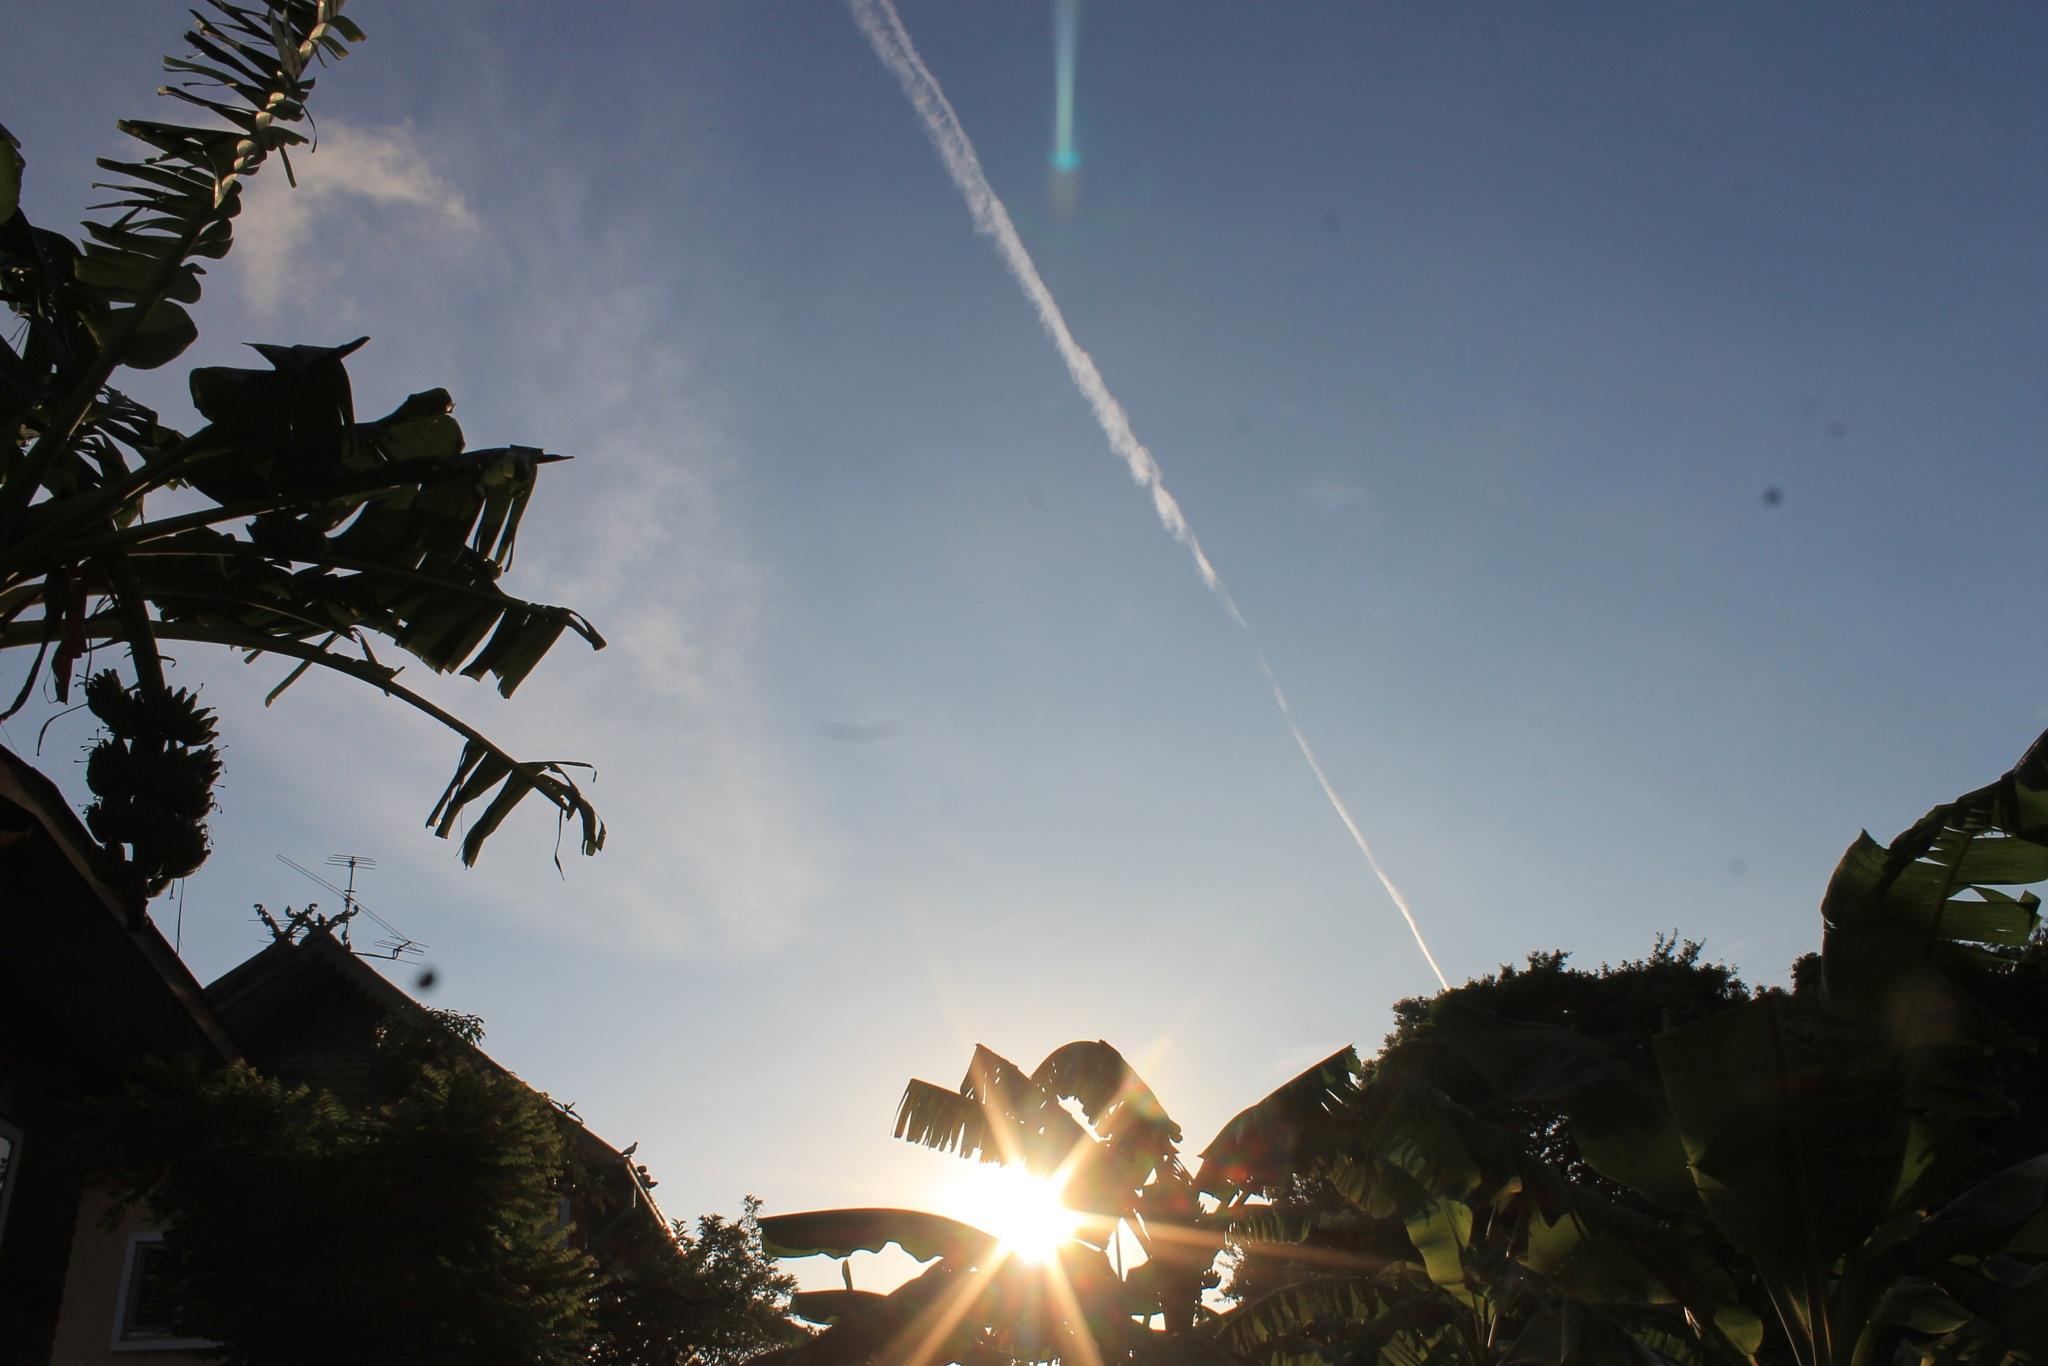 Sunrise by Wongphakdee